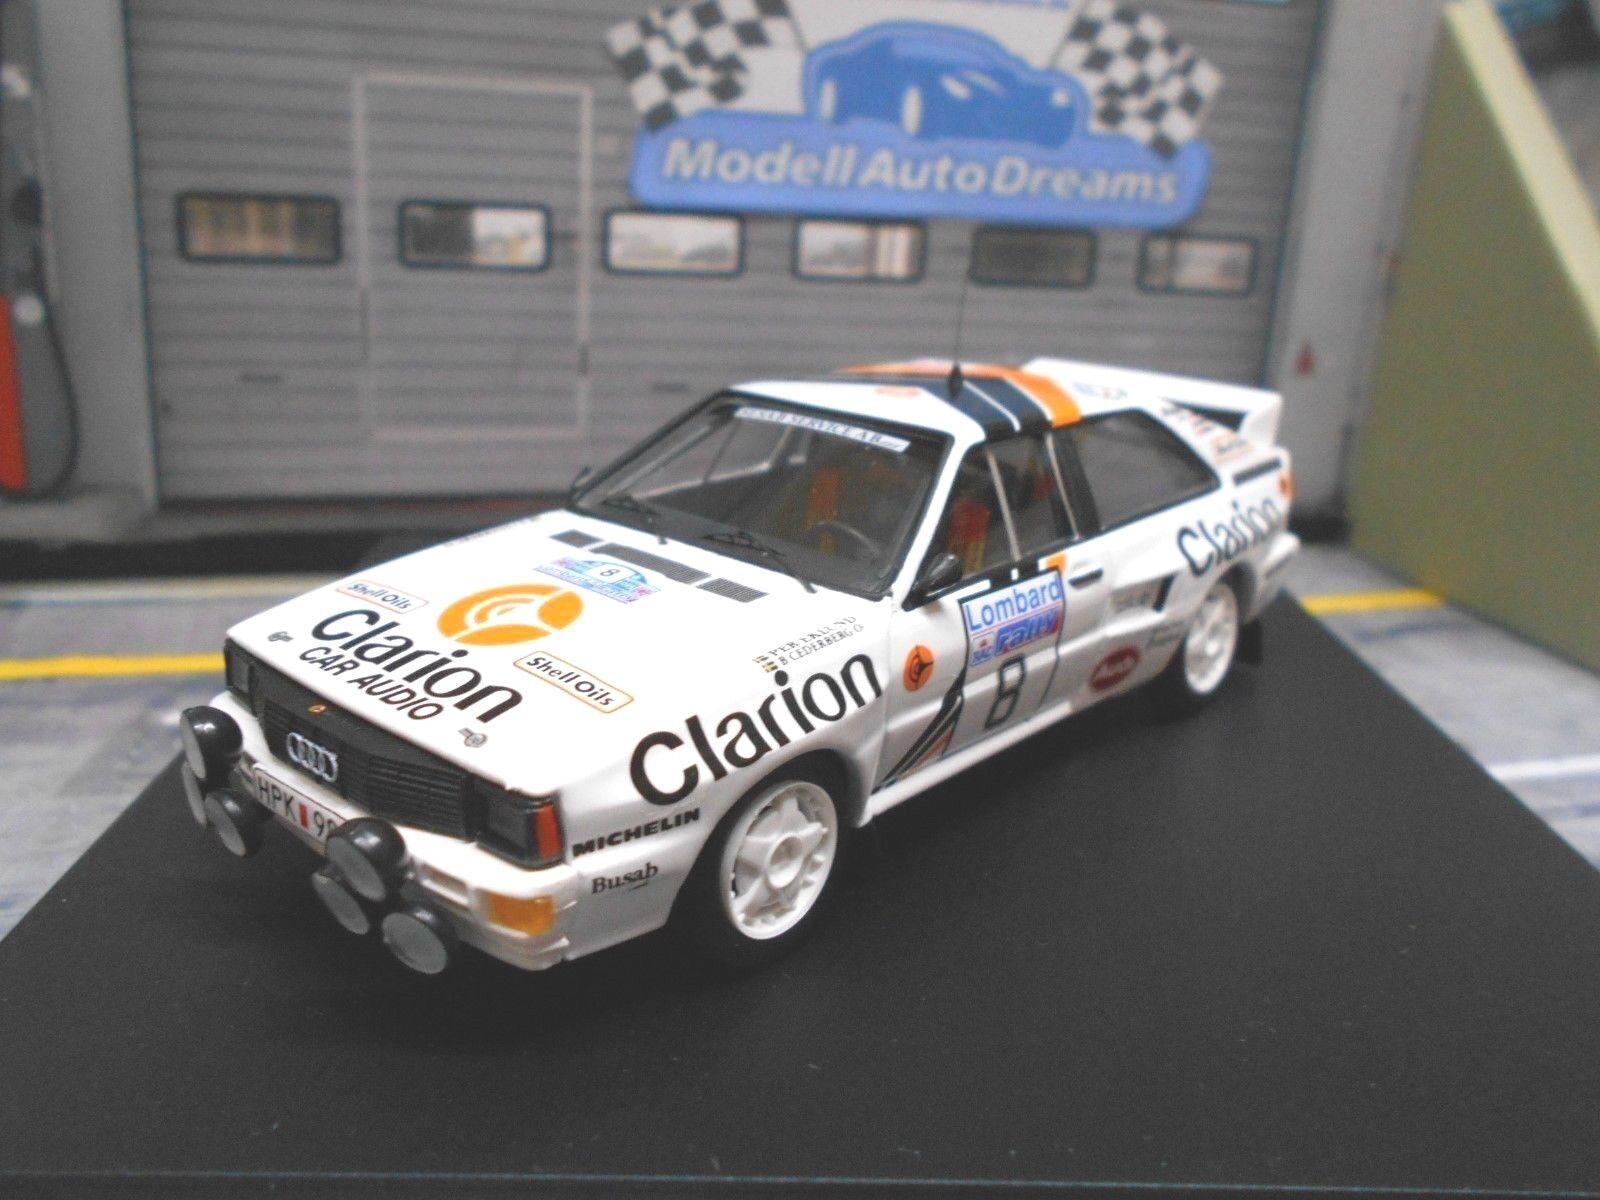 AUDI QUATTRO RALLYE RAC Go 1985  8 Eklund Cederberg Clarion 4th Trofeu 1 43